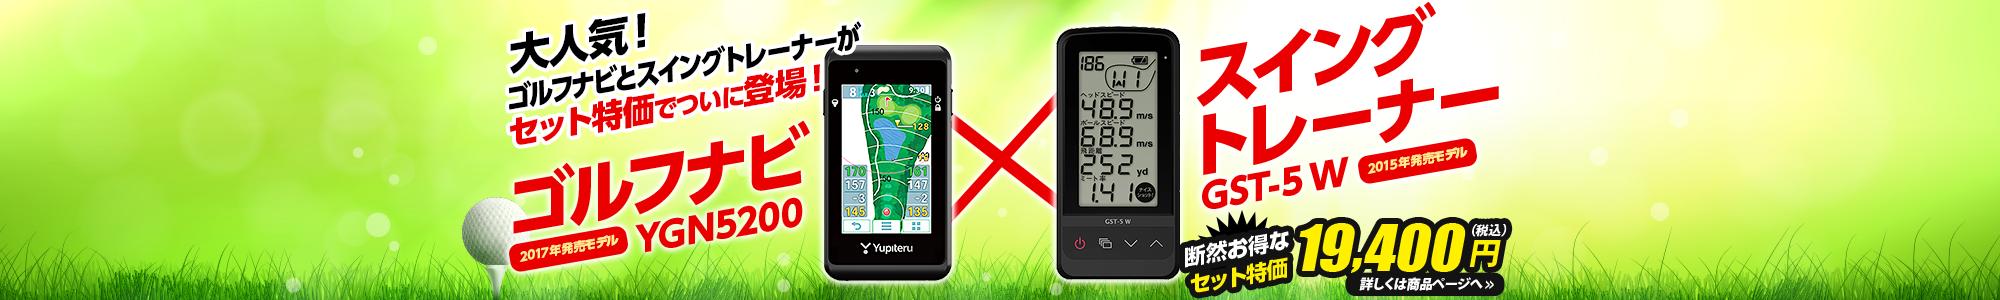 ゴルフナビ&ゴルフスイングトレーナーセット YGN5200&GST-5 Wセット